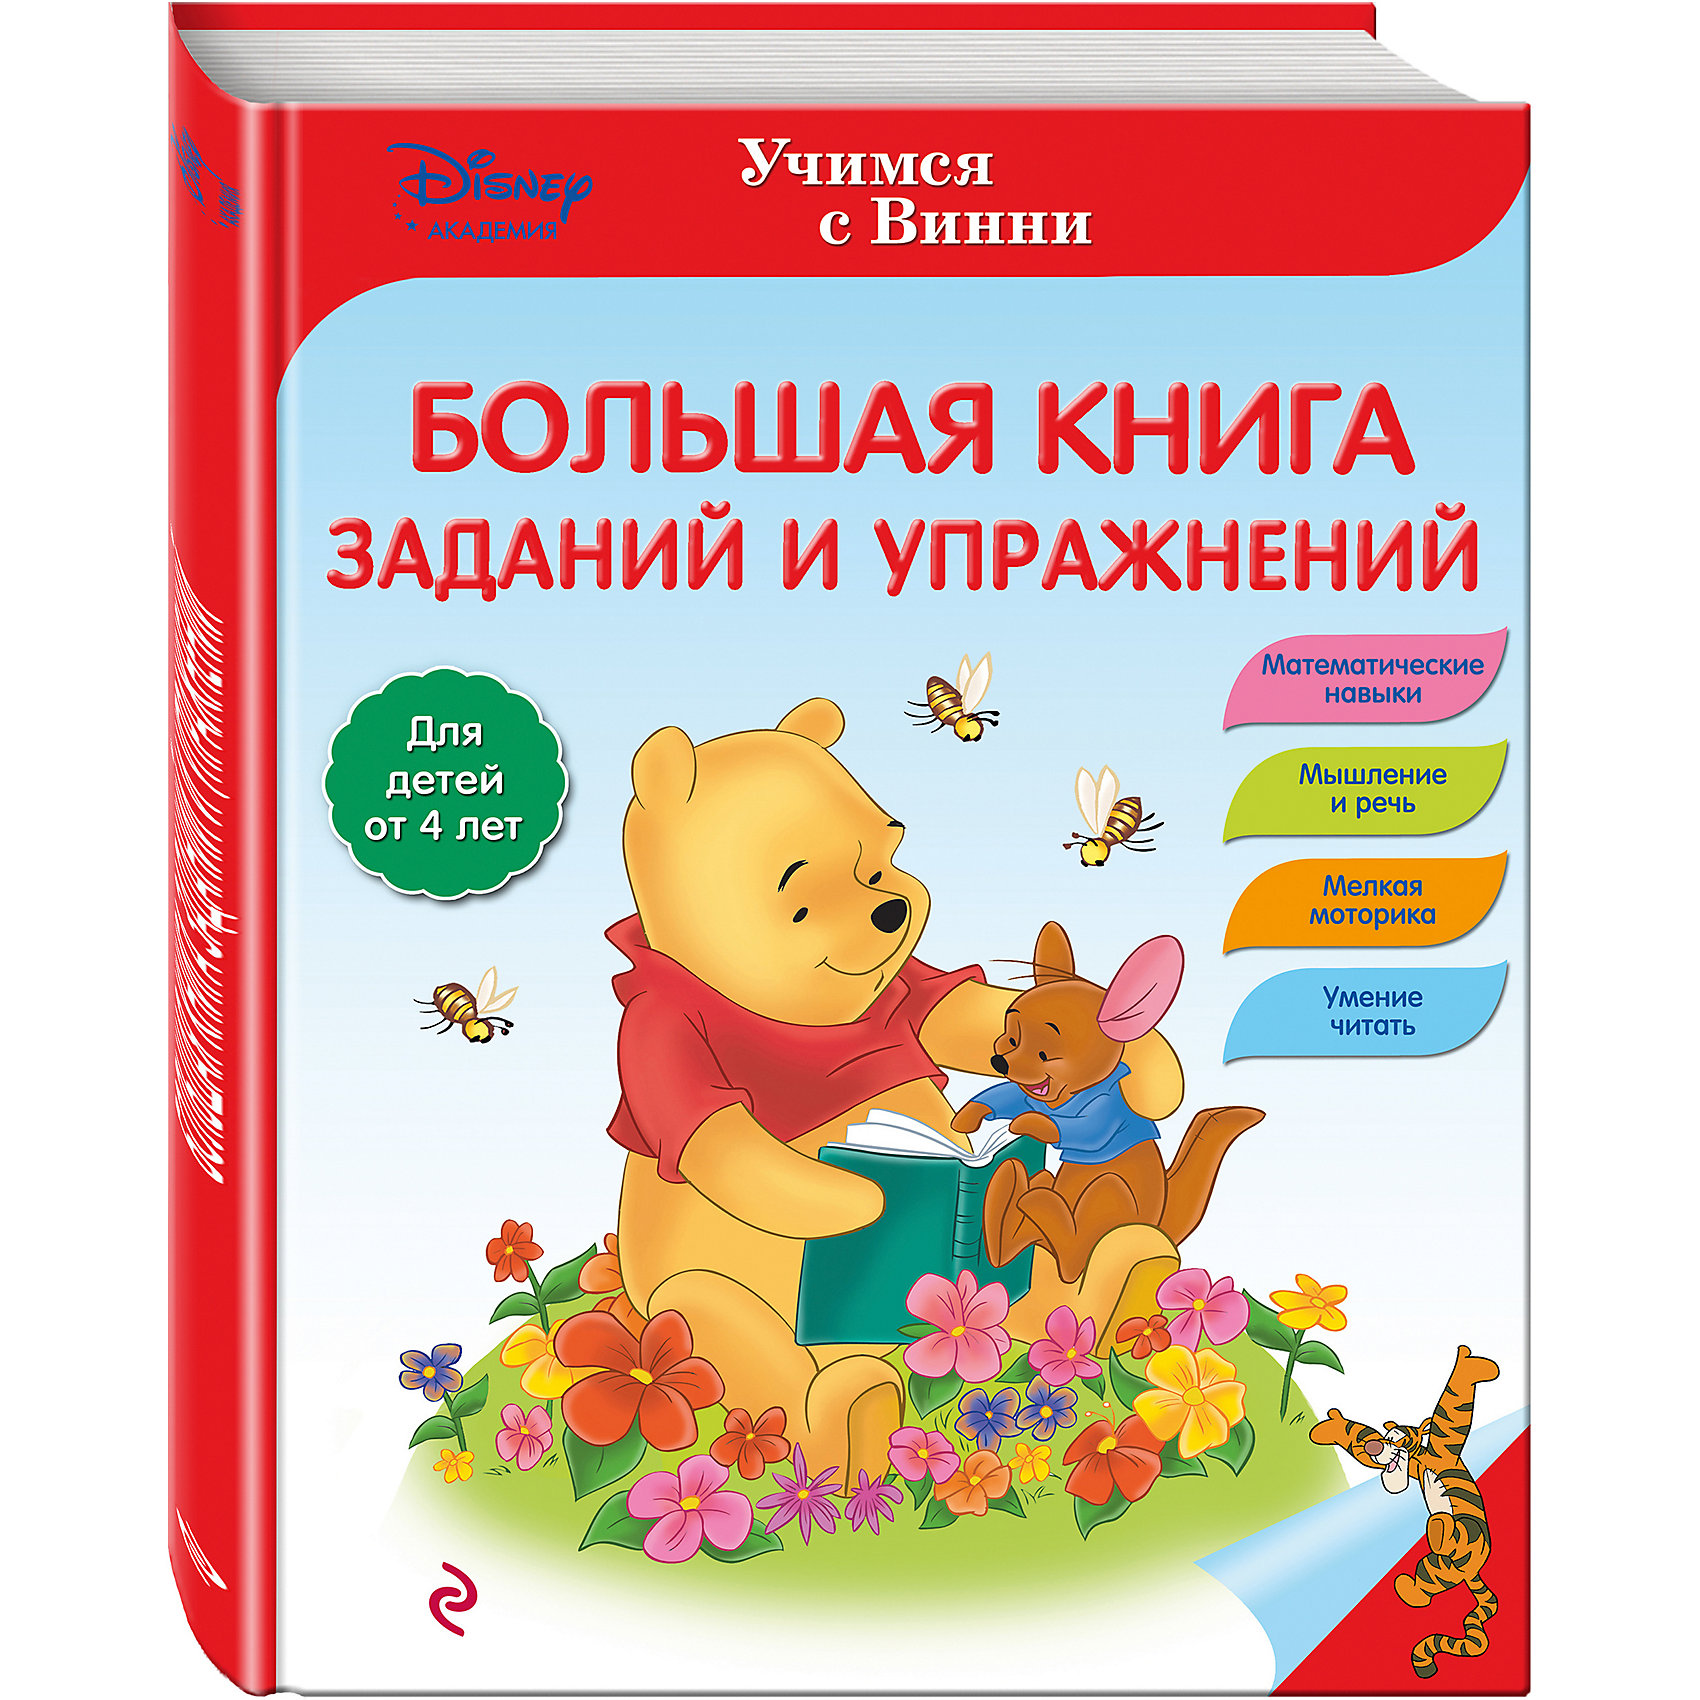 Большая книга заданий и упражненийПрочитав в этой книге сразу три увлекательные истории – о проведённом Винни необыкновенном дне, о волшебном сне Медвежонка, а также об интересных играх, которыми Тигруля веселил друзей, – ребёнок не только с удовольствием проведёт время в компании героев Disney, но и в развлекательной форме познакомится с математикой, разовьёт навыки чтения, мышления и речи, а также усовершенствует мелкую моторику рук и координацию движений. <br>Издание предназначено для детей старшего дошкольного возраста.<br><br>Дополнительная информация:<br><br>- год выпуска: 2016<br>- количество страниц:112<br>- формат: 28 * 21 см.<br>- переплет: мягкий переплет<br>- вес: 296 гр.<br>- возраст: от  5 до 6   лет<br><br>Большую  книгу заданий и упражнений можно купить в нашем интернет - магазине.<br><br>Ширина мм: 280<br>Глубина мм: 210<br>Высота мм: 7<br>Вес г: 290<br>Возраст от месяцев: 72<br>Возраст до месяцев: 96<br>Пол: Унисекс<br>Возраст: Детский<br>SKU: 4753500